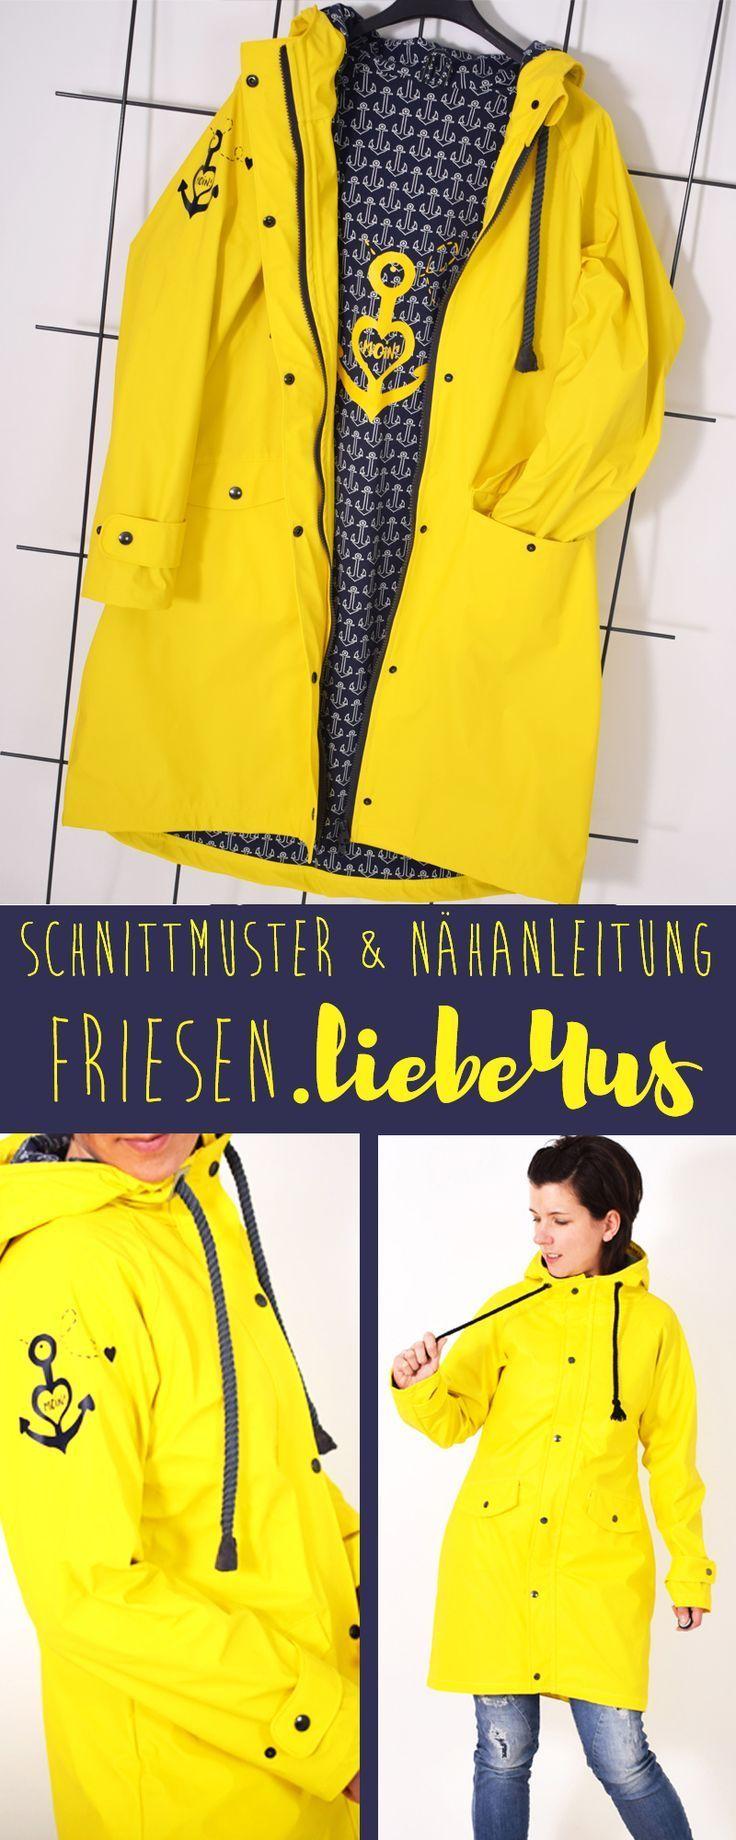 0fd2c7930485f FRIESENliebe4us • Regenmantel • Regenjacke • Nähanleitung + Schnittmuster •  leni pepunkt • nähen • sewing pattern • raincoat • jacket • Friesenliebe